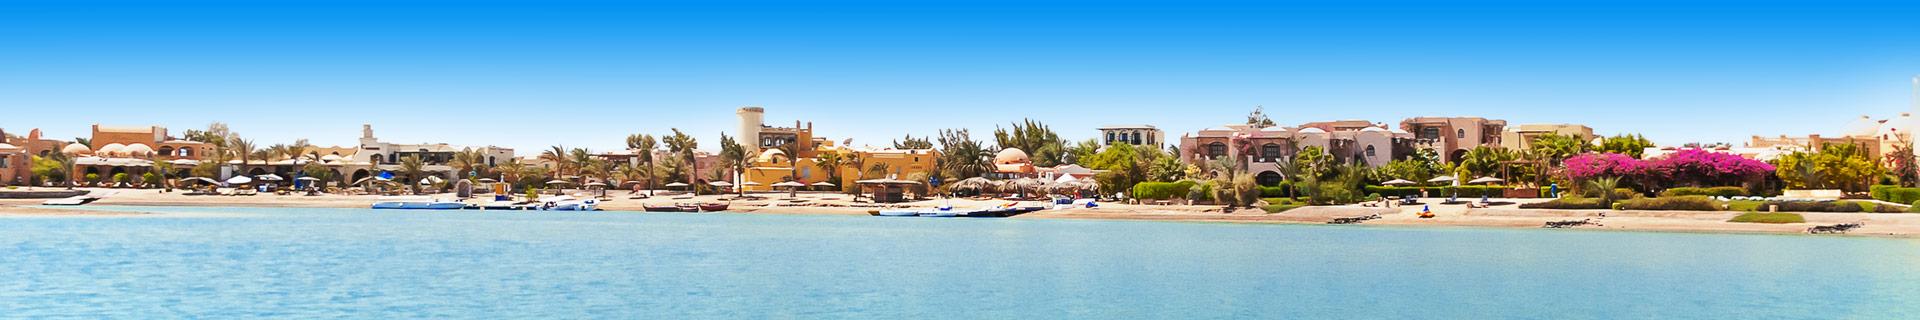 kan ik op vakantie naar egypte